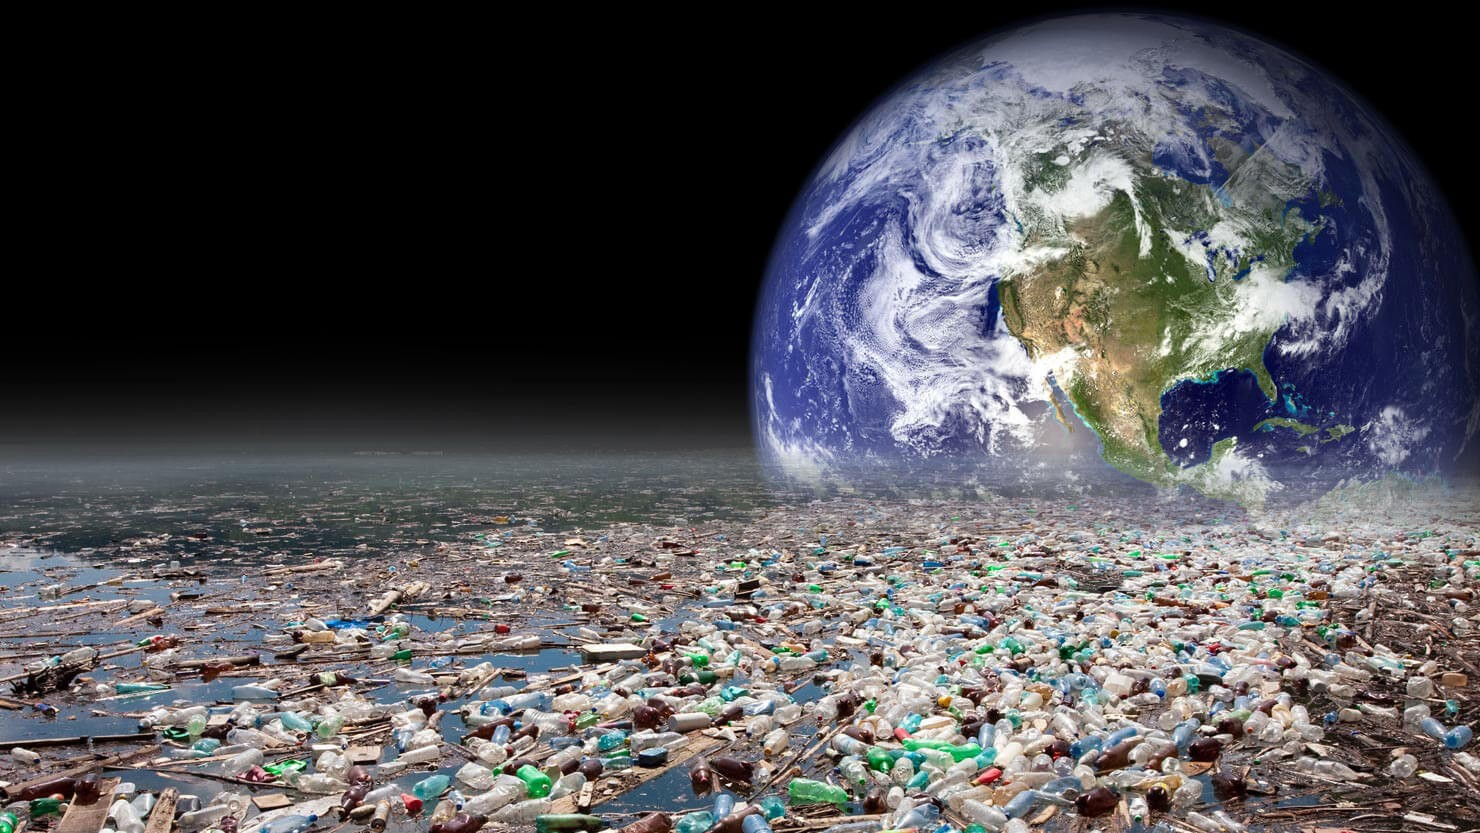 Tác hại của rác thải nhựa đến môi trường